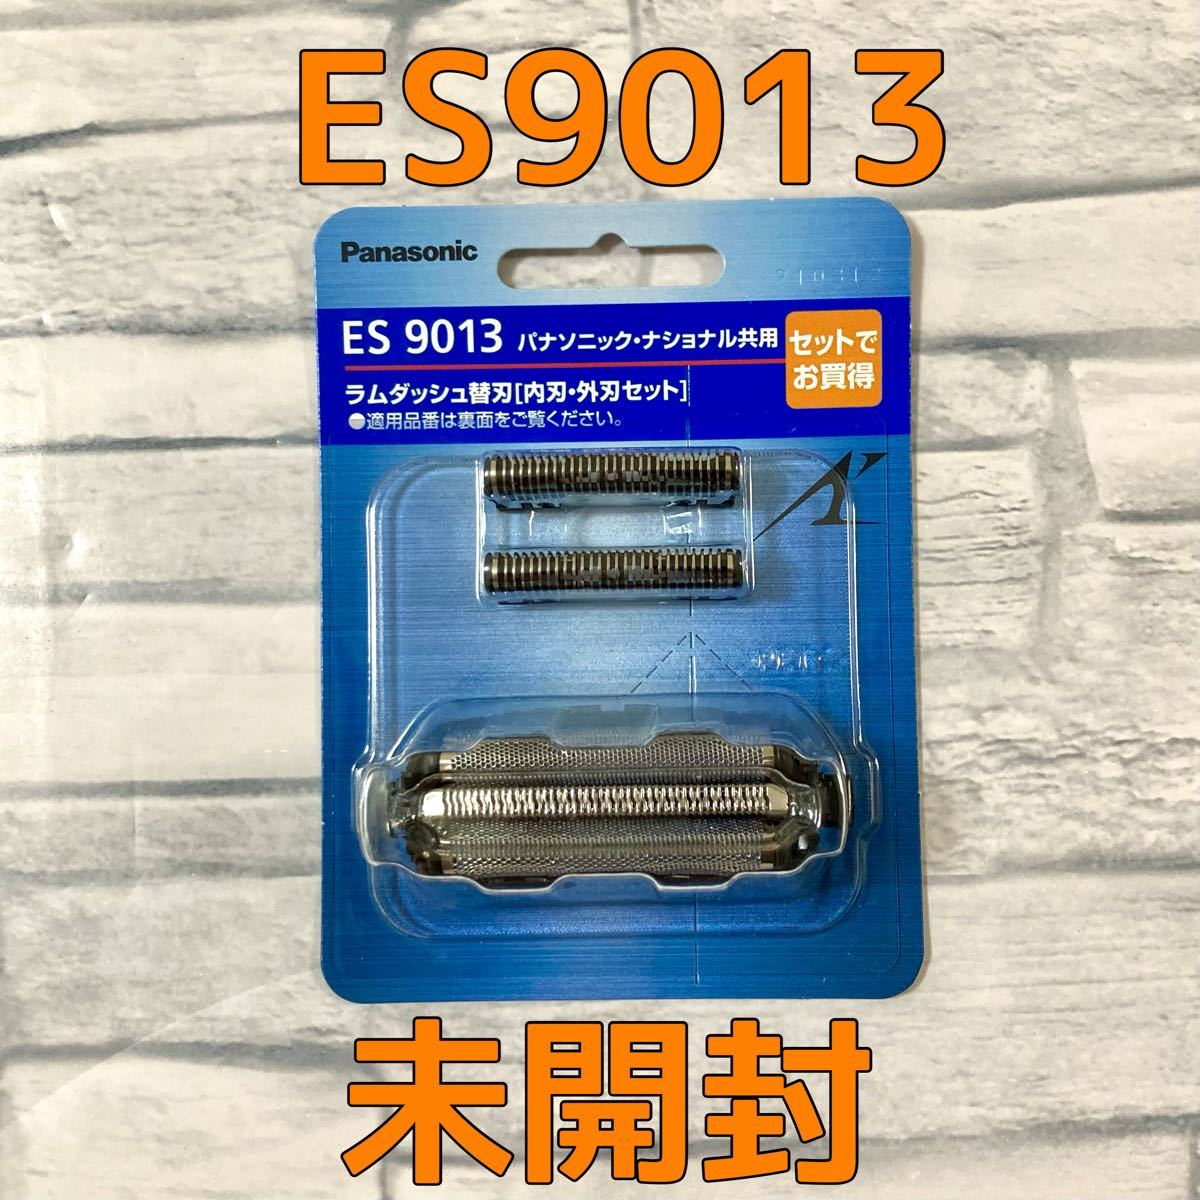 未開封 電気シェーバー替刃 パナソニック ラムダッシュ替刃 ES9013